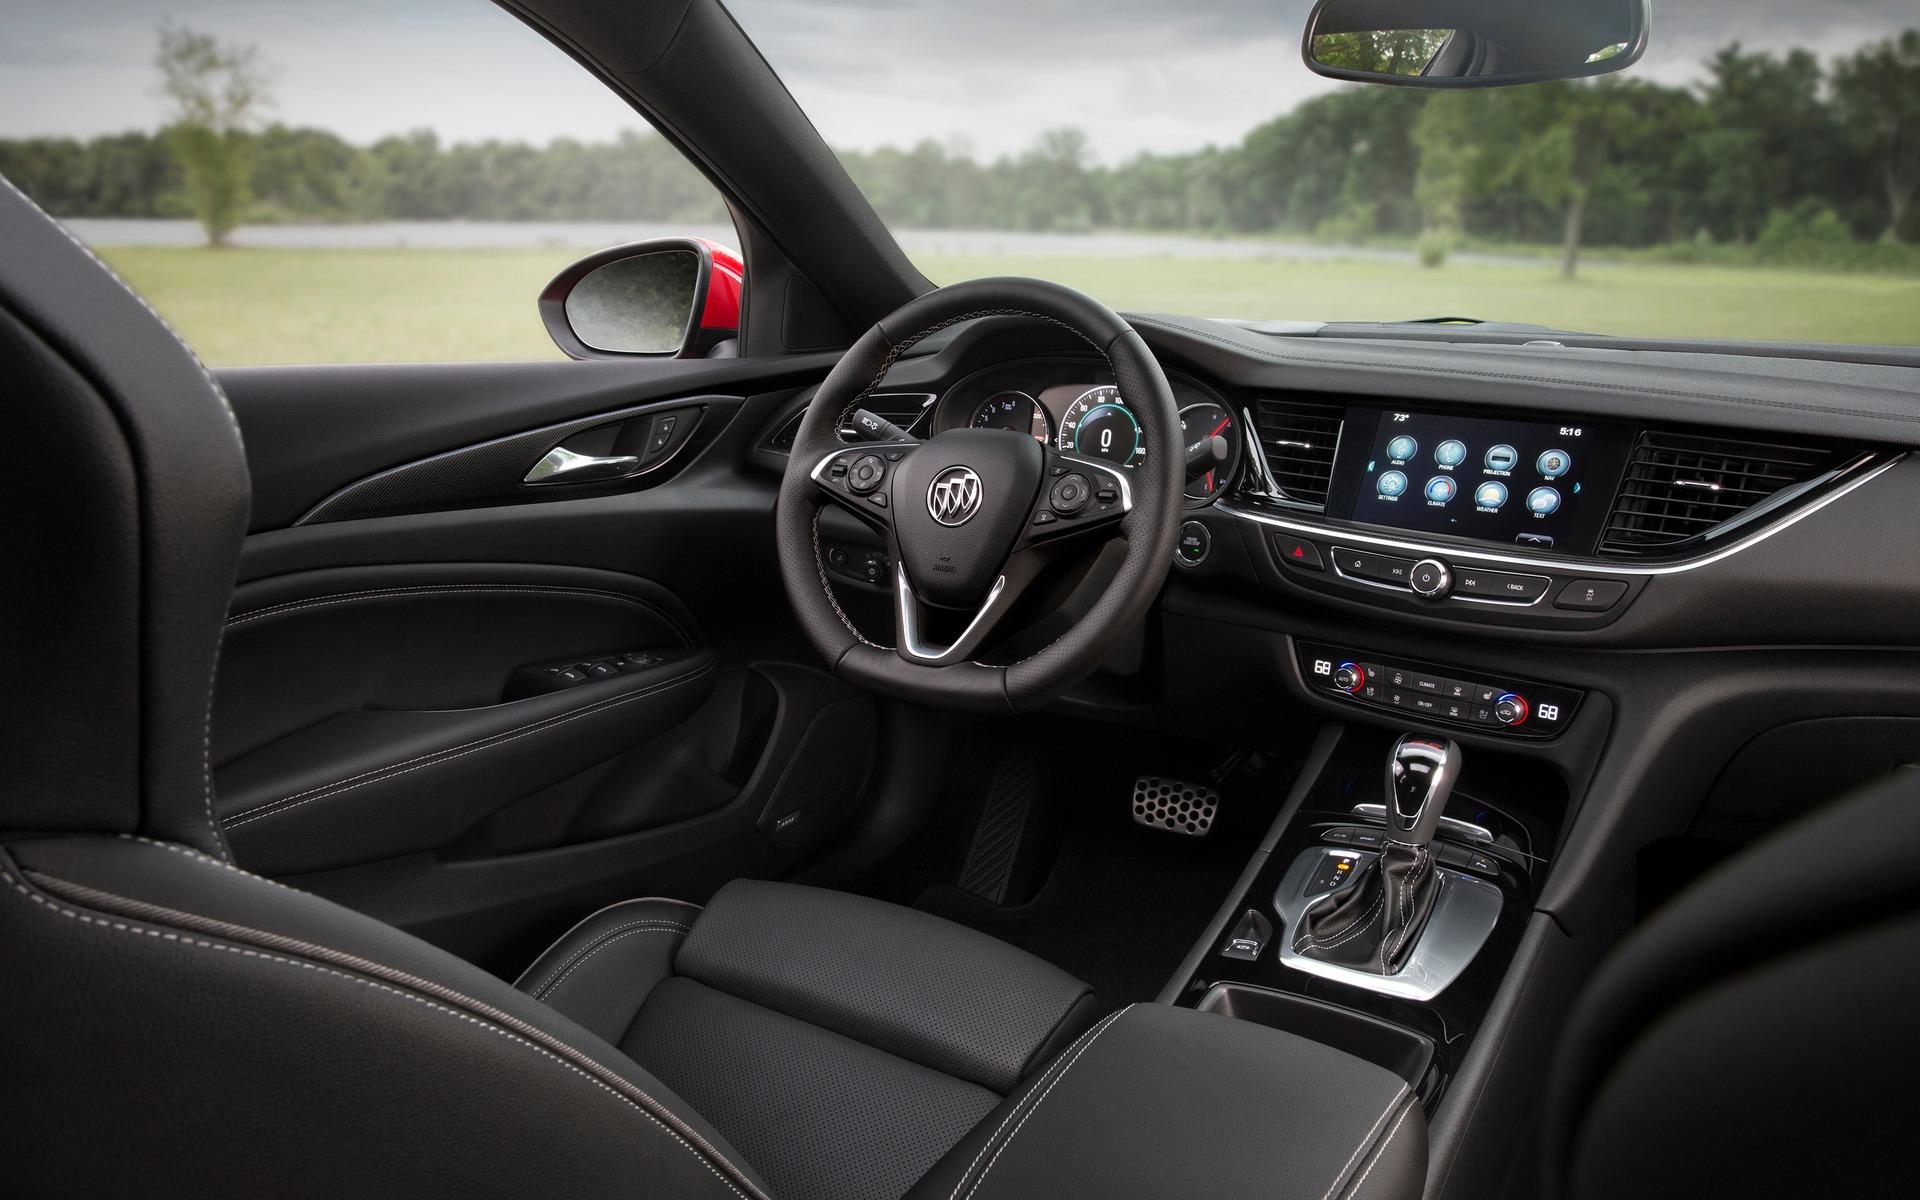 Buick Regal 2019 : cinq choses à savoir 375427_2019_Buick_Regal